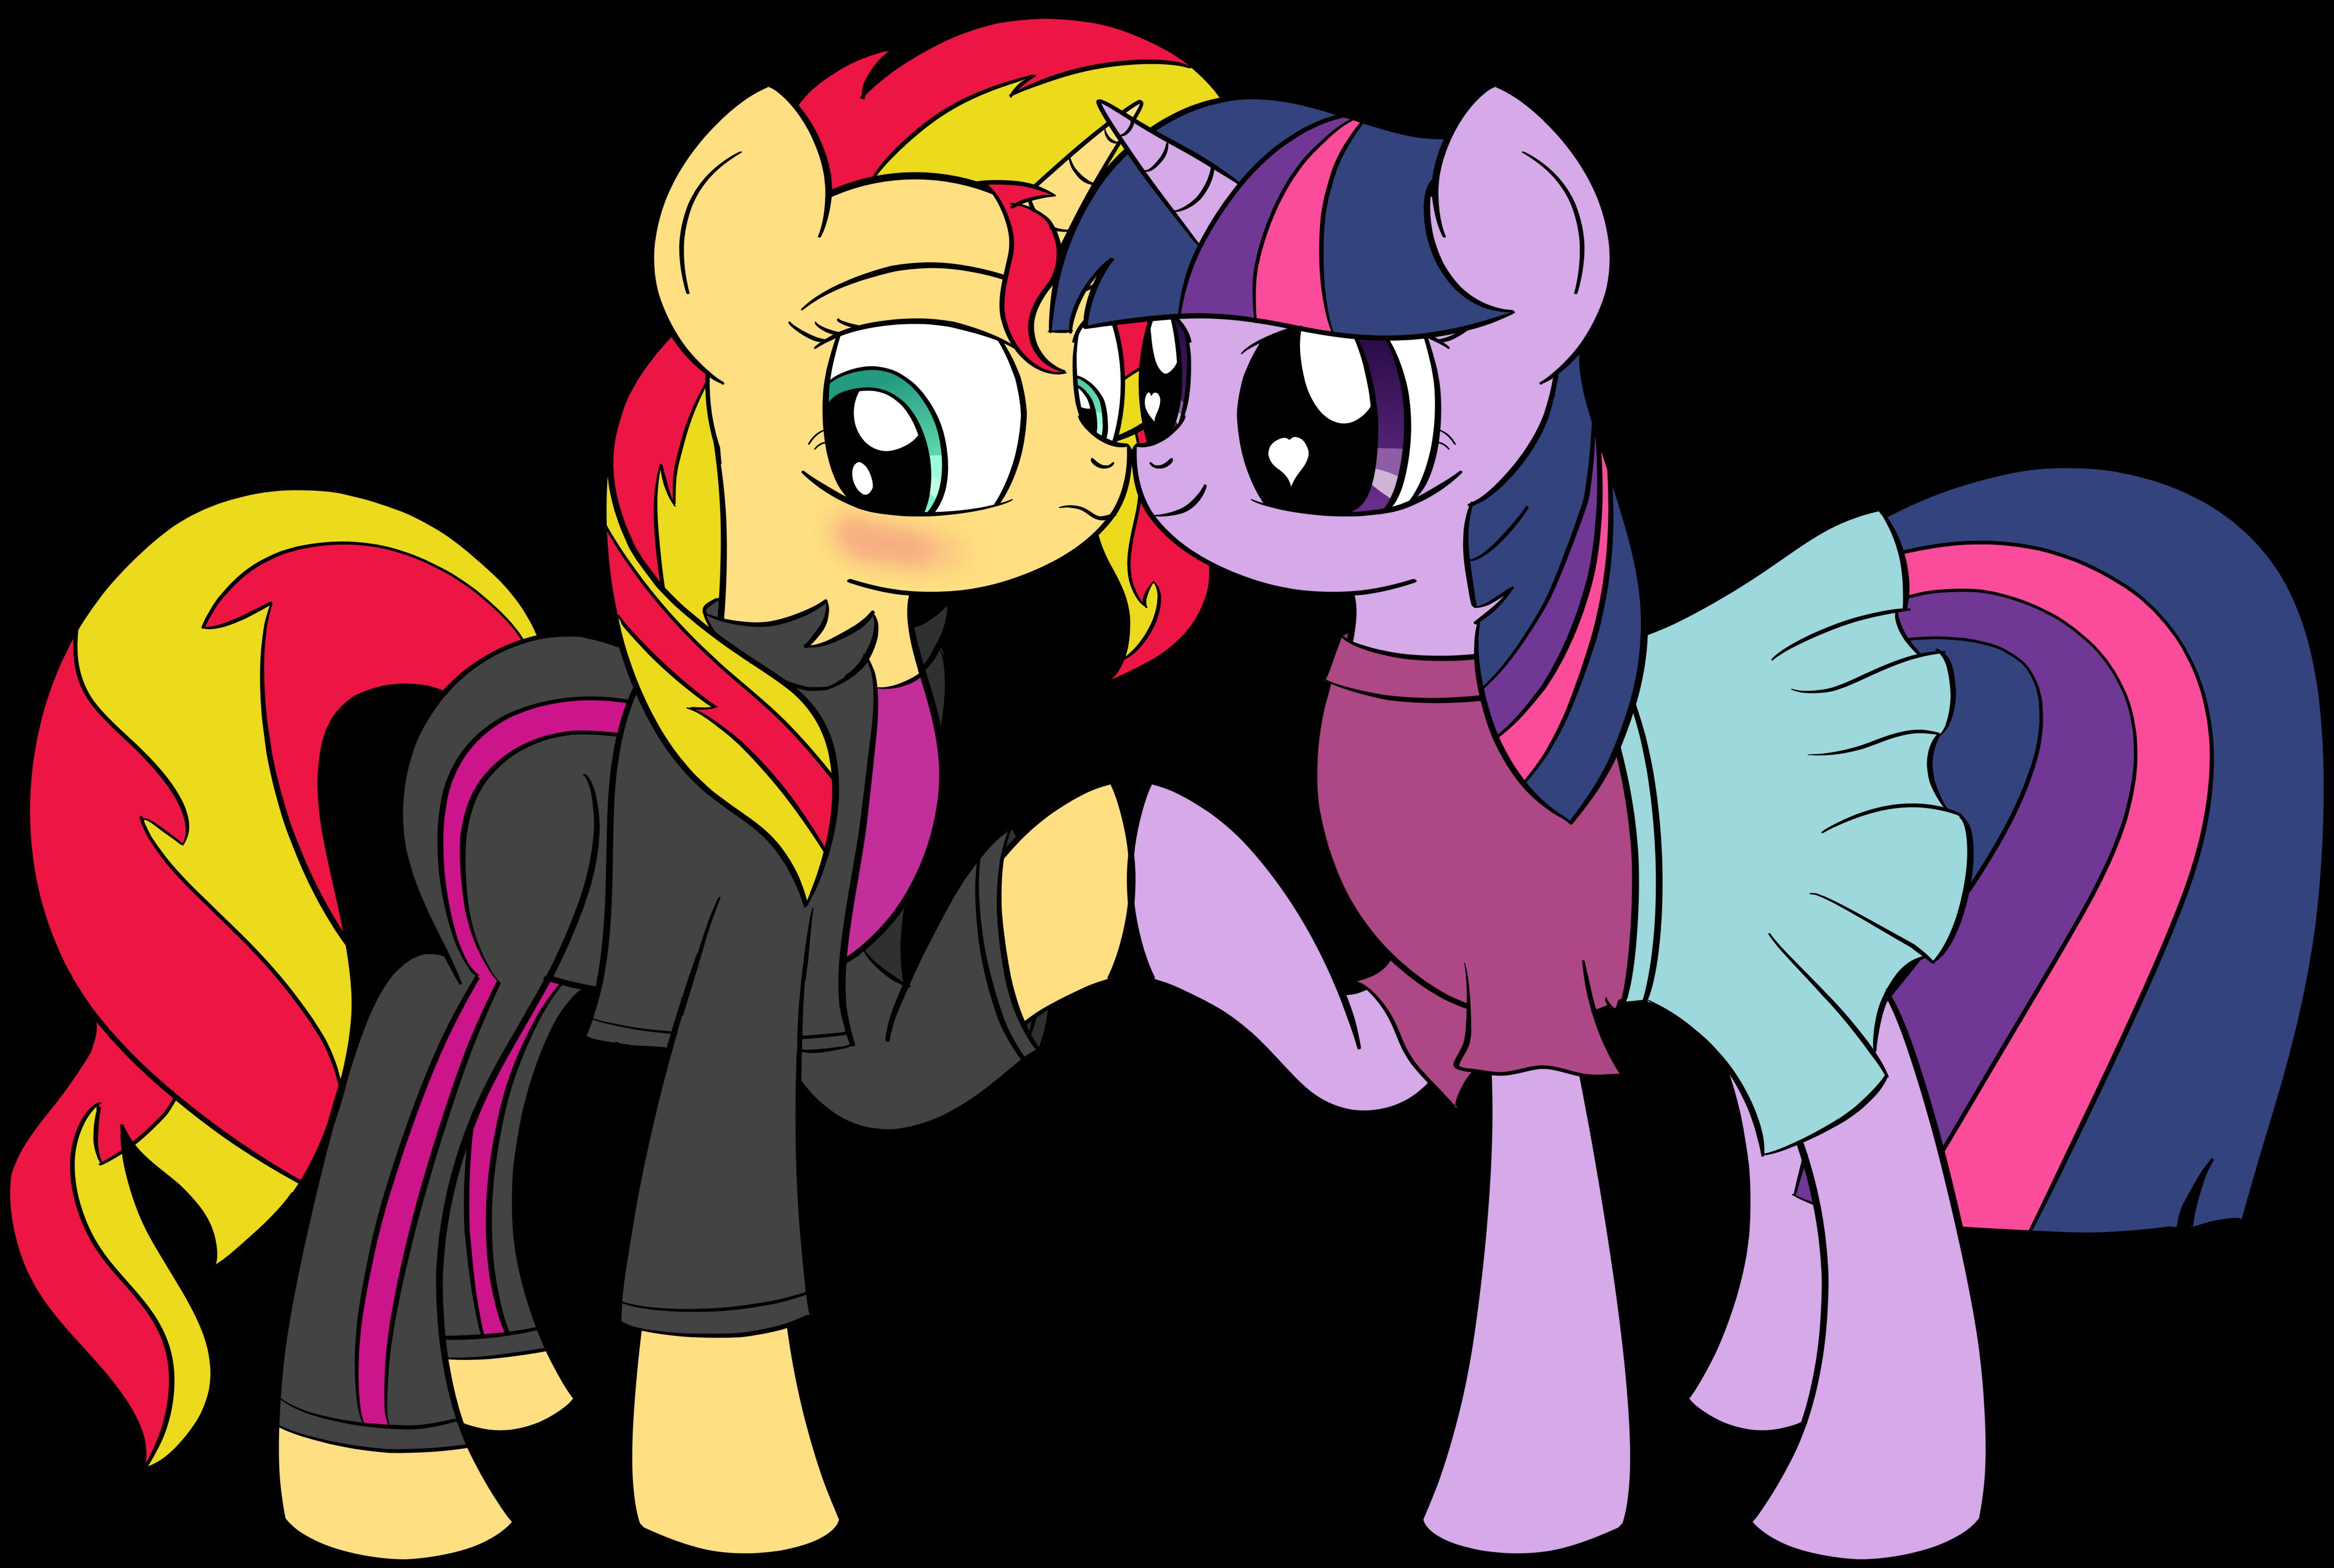 Friendship Games Alternate Version - Sunset Shimmer hugs